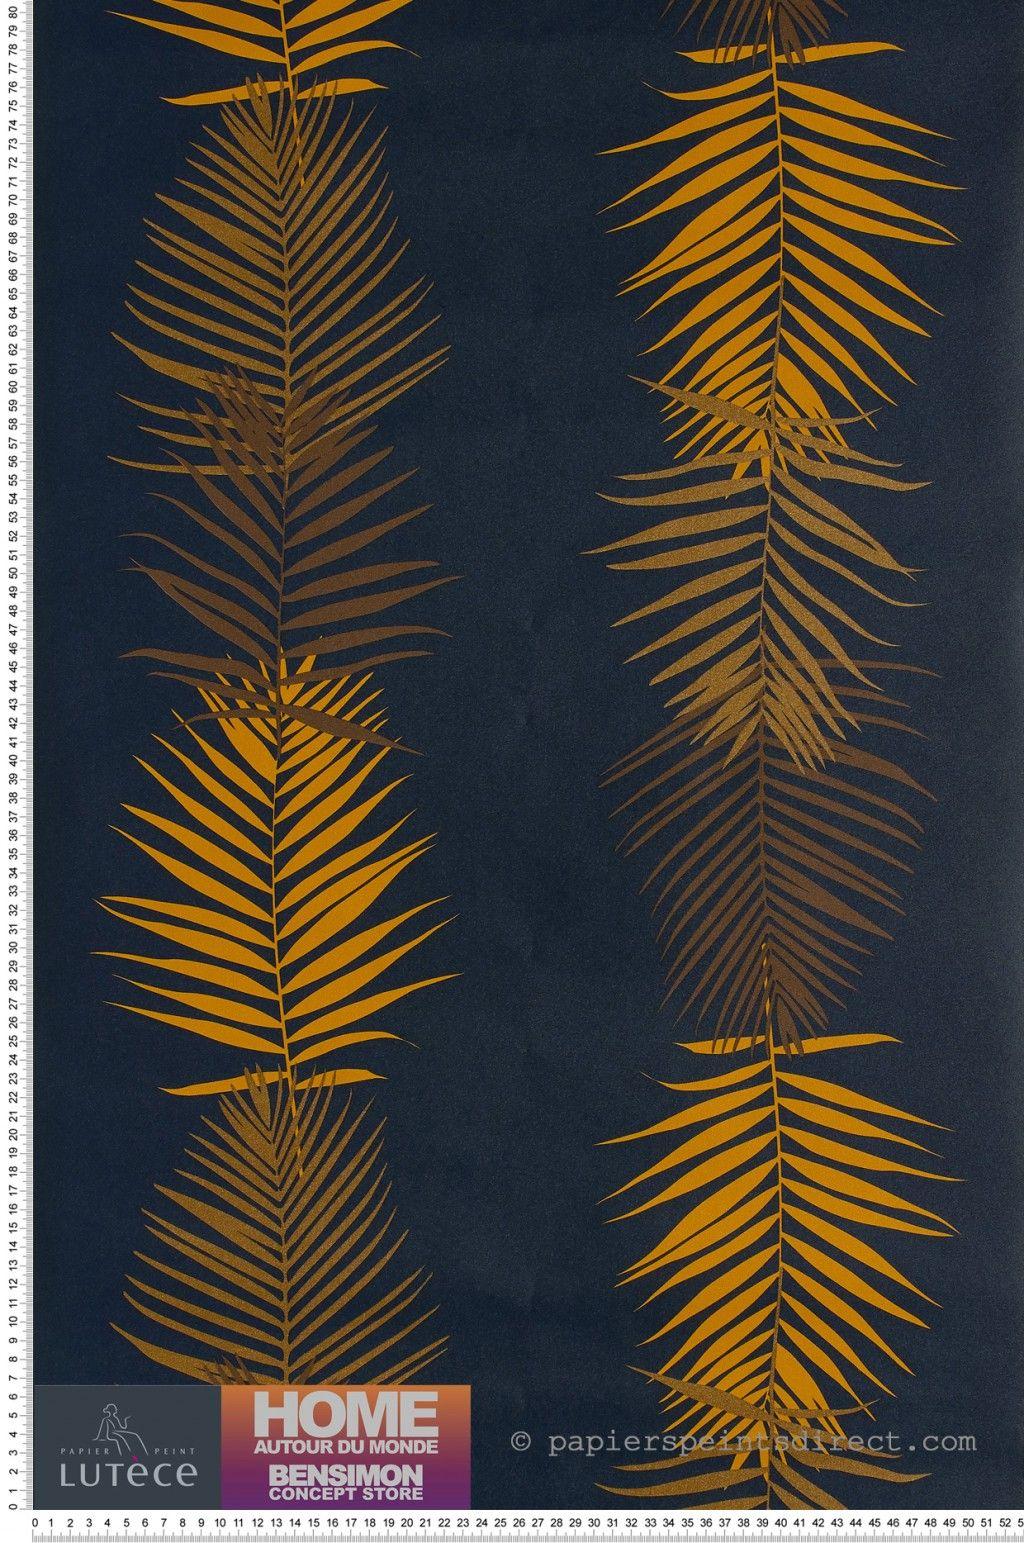 Papier Peint Feuille De Palmier Navy Collection Bensimon De Lutece